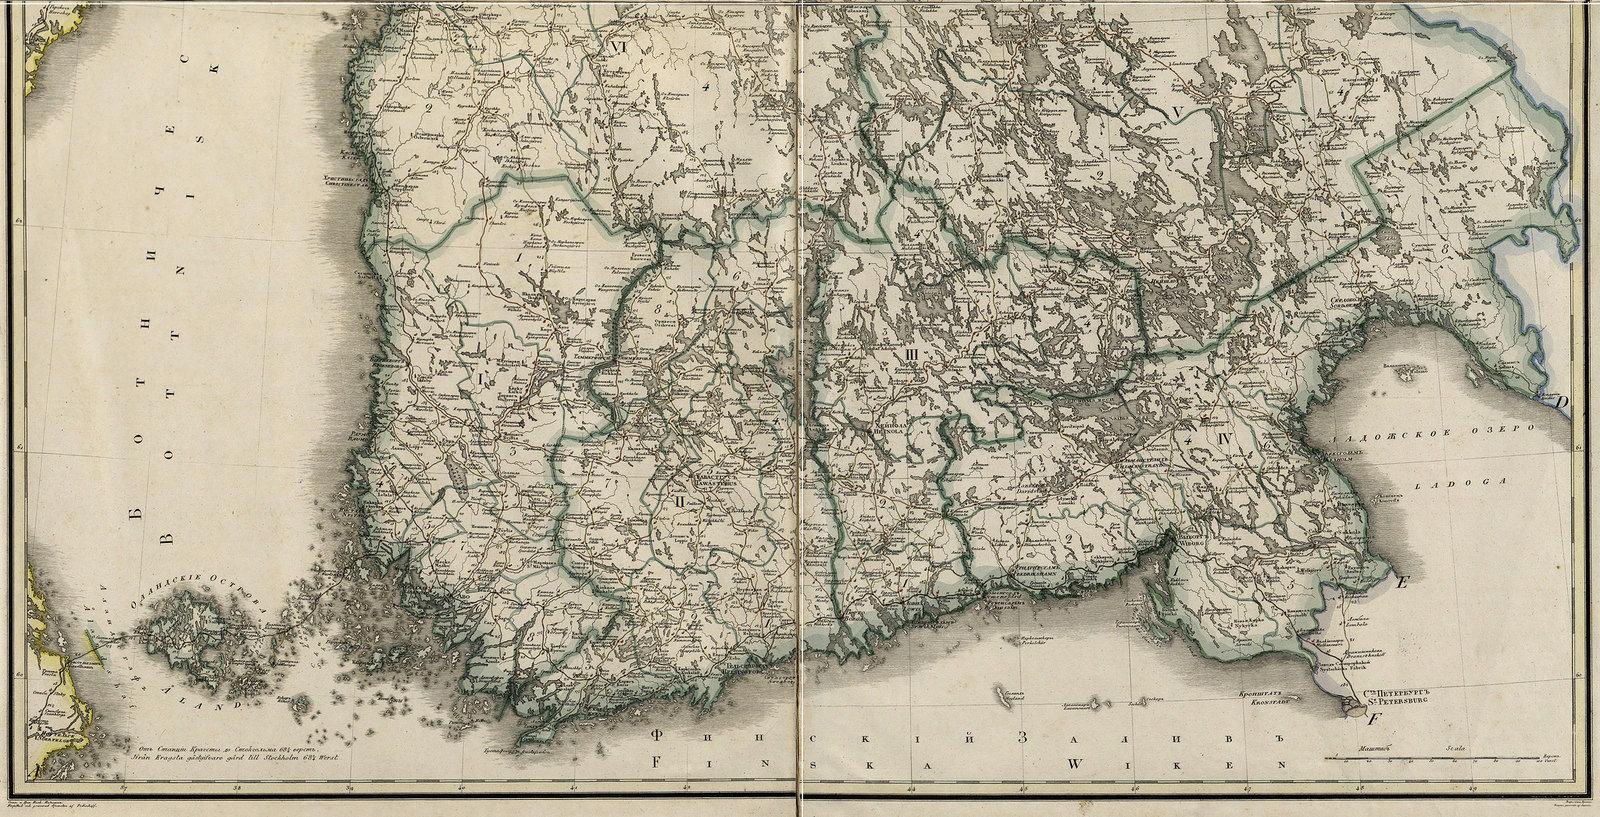 Карта Финляндского княжества